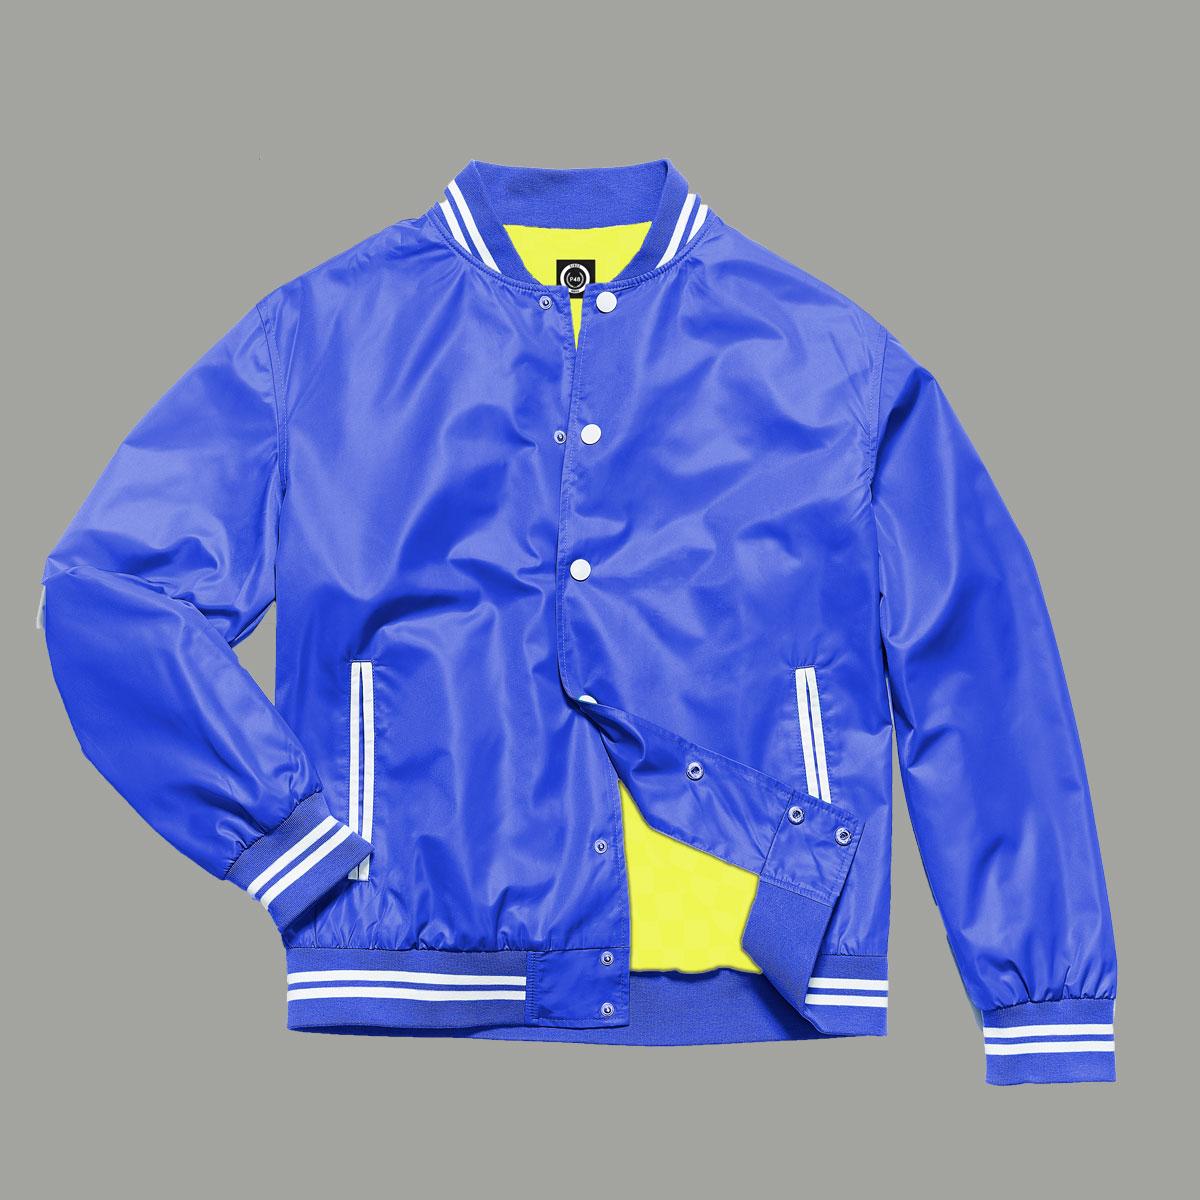 WaterProof American Jacket - Blue